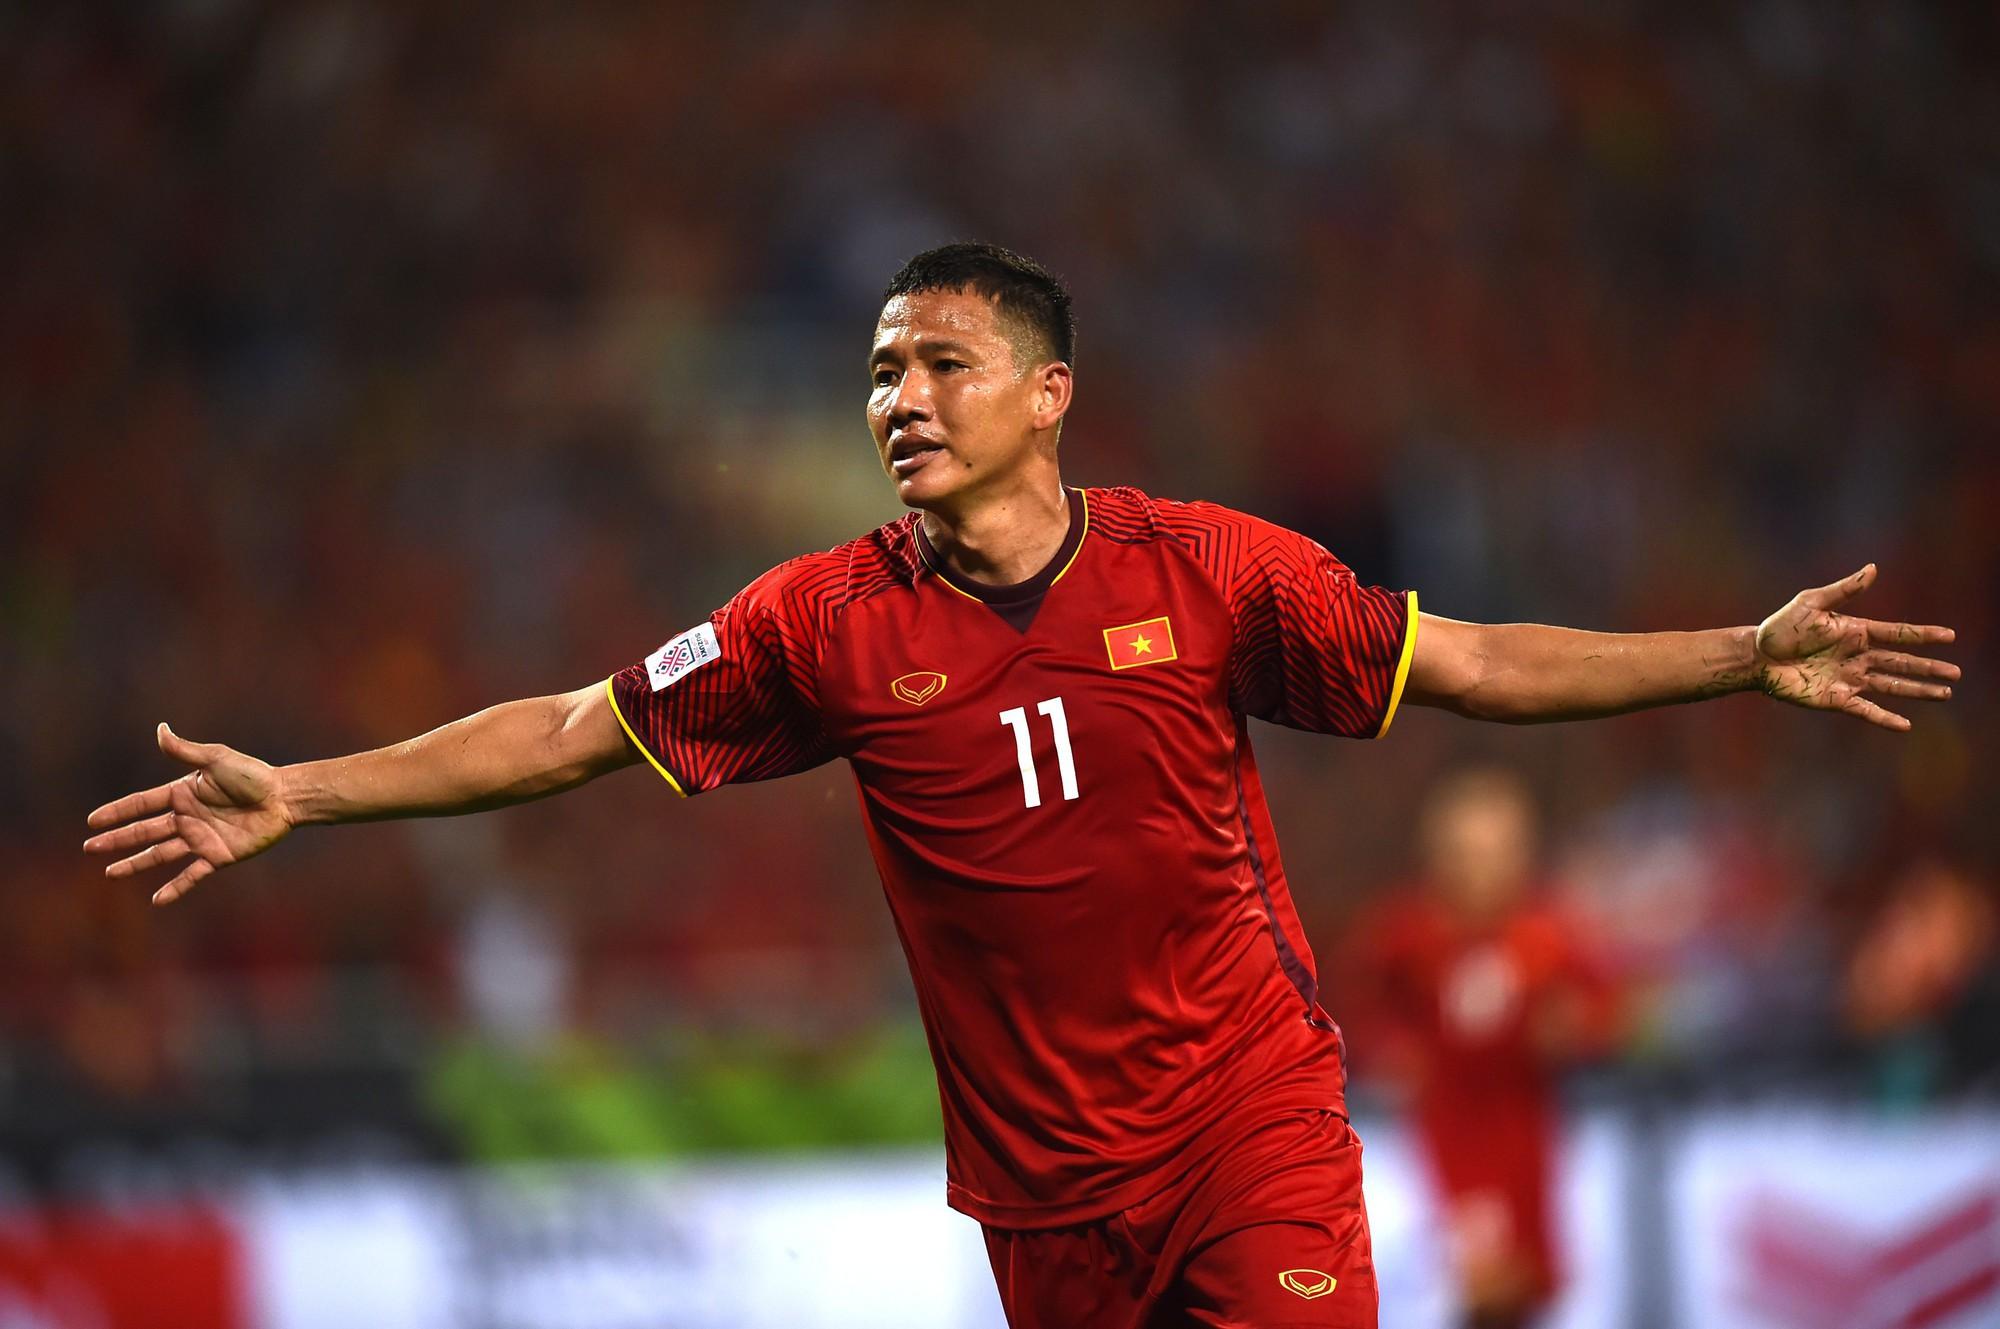 Nếu không đá bóng, các tuyển thủ Việt Nam sẽ đi theo con đường nào?-1